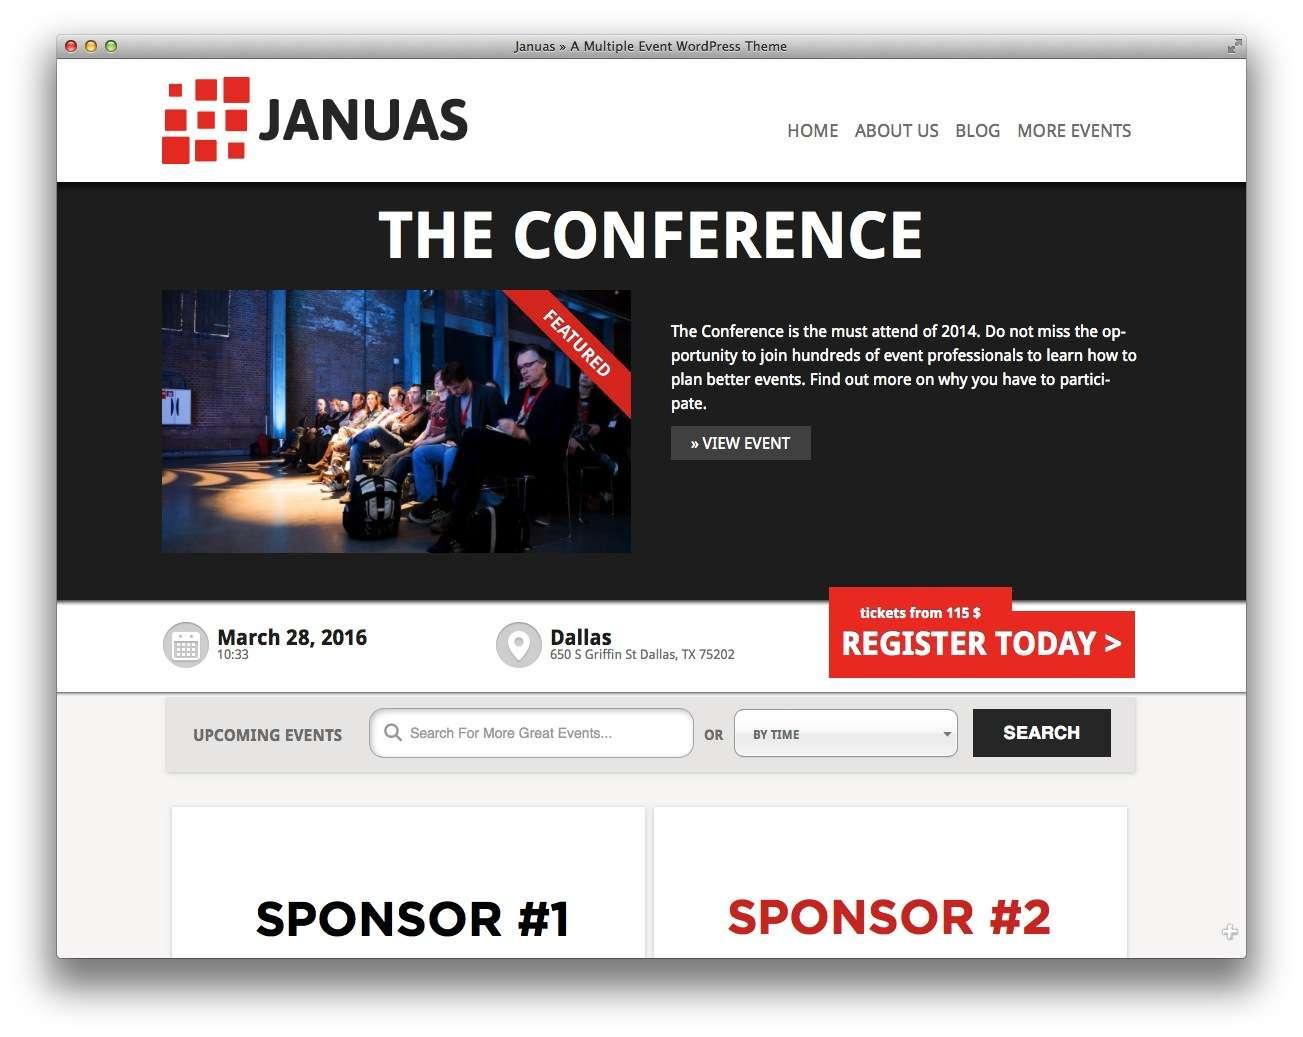 шаблоны wordpress 2015 – события и конференции2